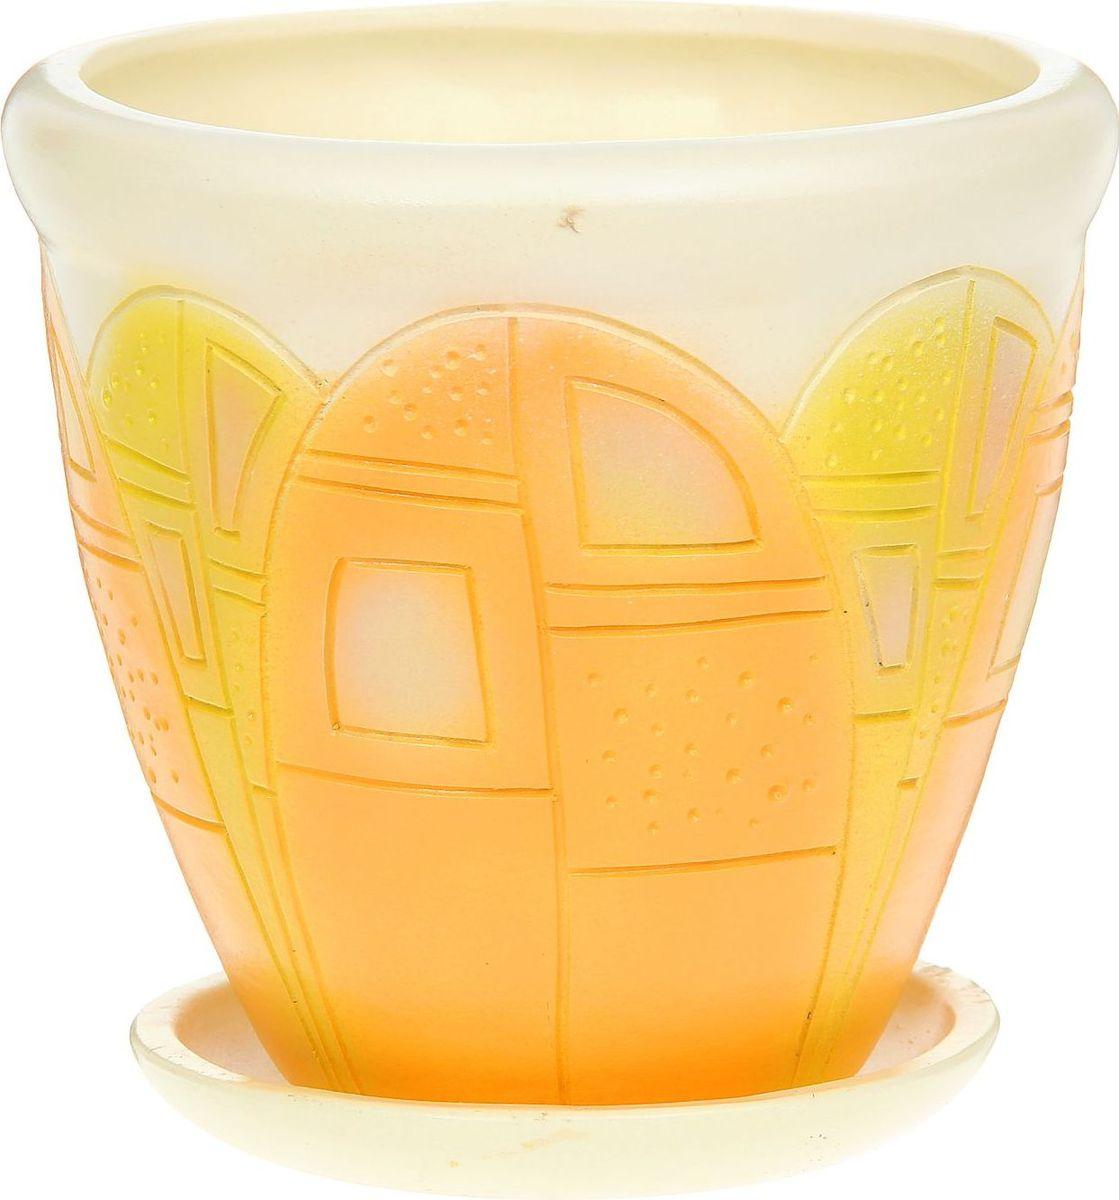 Кашпо Бутон, цвет: желтый, 5 л1172205Комнатные растения — всеобщие любимцы. Они радуют глаз, насыщают помещение кислородом и украшают пространство. Каждому из них необходим свой удобный и красивый дом. Кашпо из керамики прекрасно подходят для высадки растений: за счёт пластичности глины и разных способов обработки существует великое множество форм и дизайновпористый материал позволяет испаряться лишней влагевоздух, необходимый для дыхания корней, проникает сквозь керамические стенки! #name# позаботится о зелёном питомце, освежит интерьер и подчеркнёт его стиль.